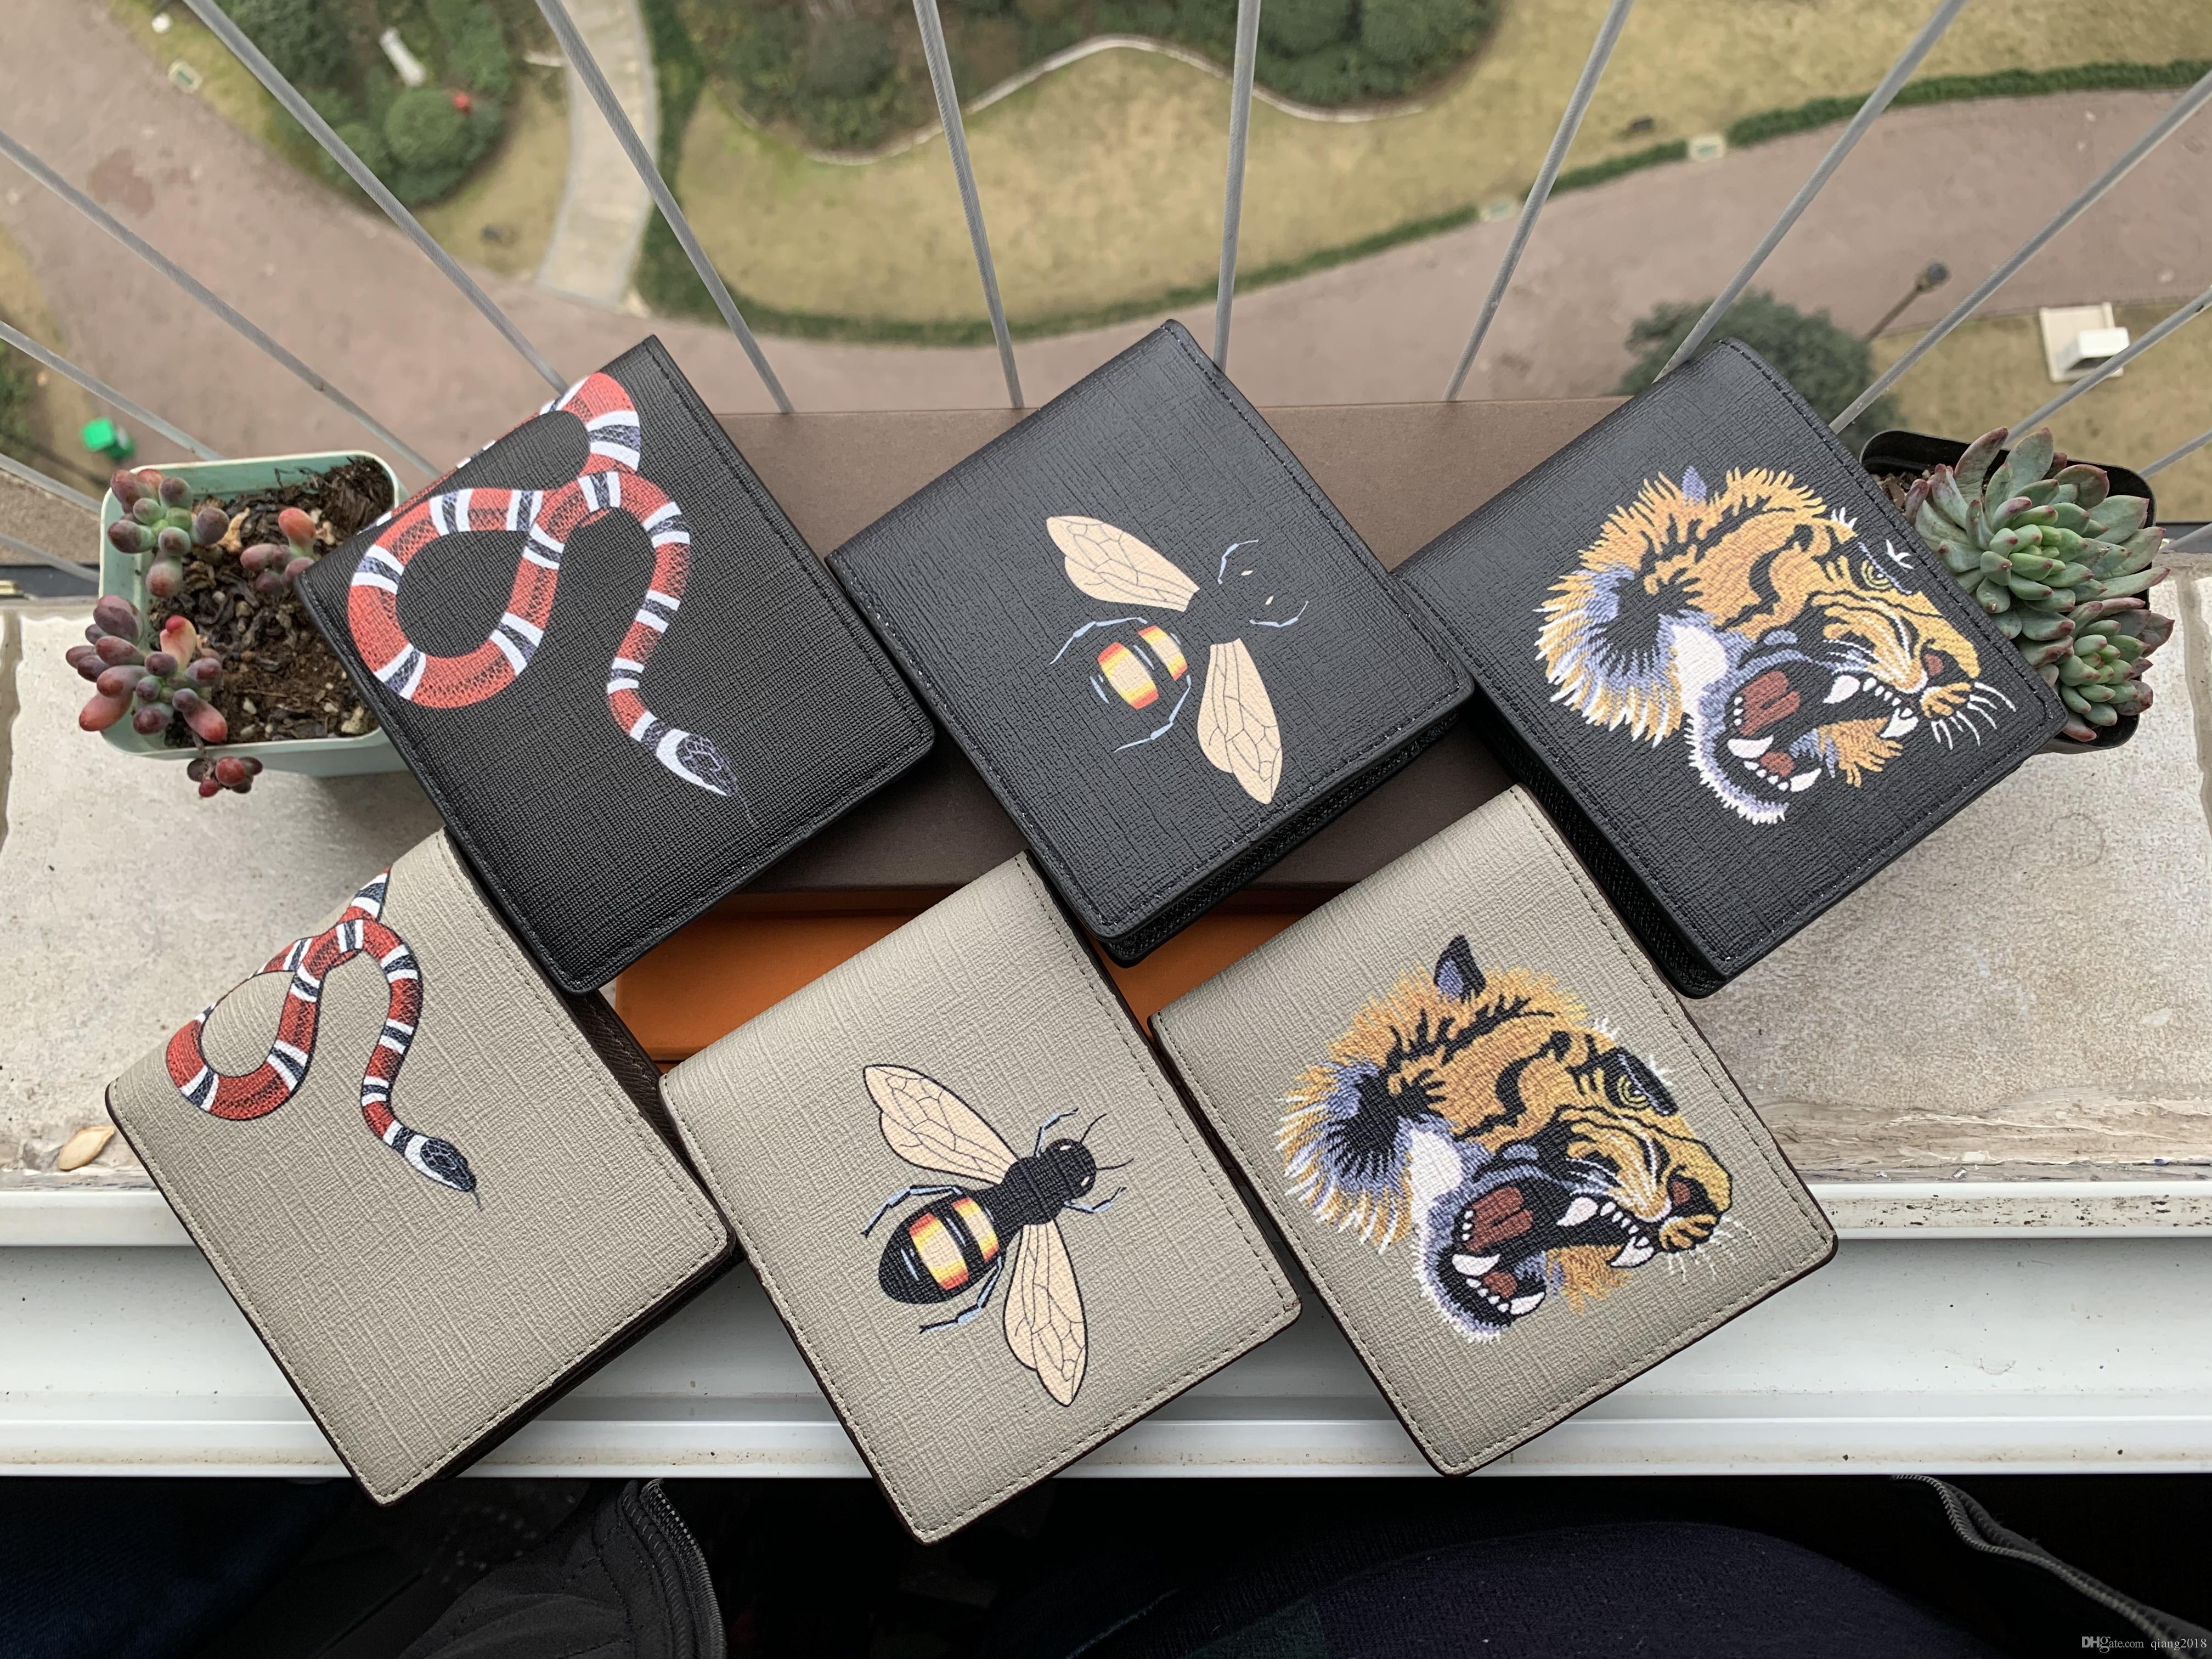 ارتفاع نوعية الرجال حيوان قصير محفظة جلدية سوداء ثعبان النمر النحل محافظ المرأة المحفظة نمط طويل حاملي بطاقة المحفظة مع علبة هدية بطاقات